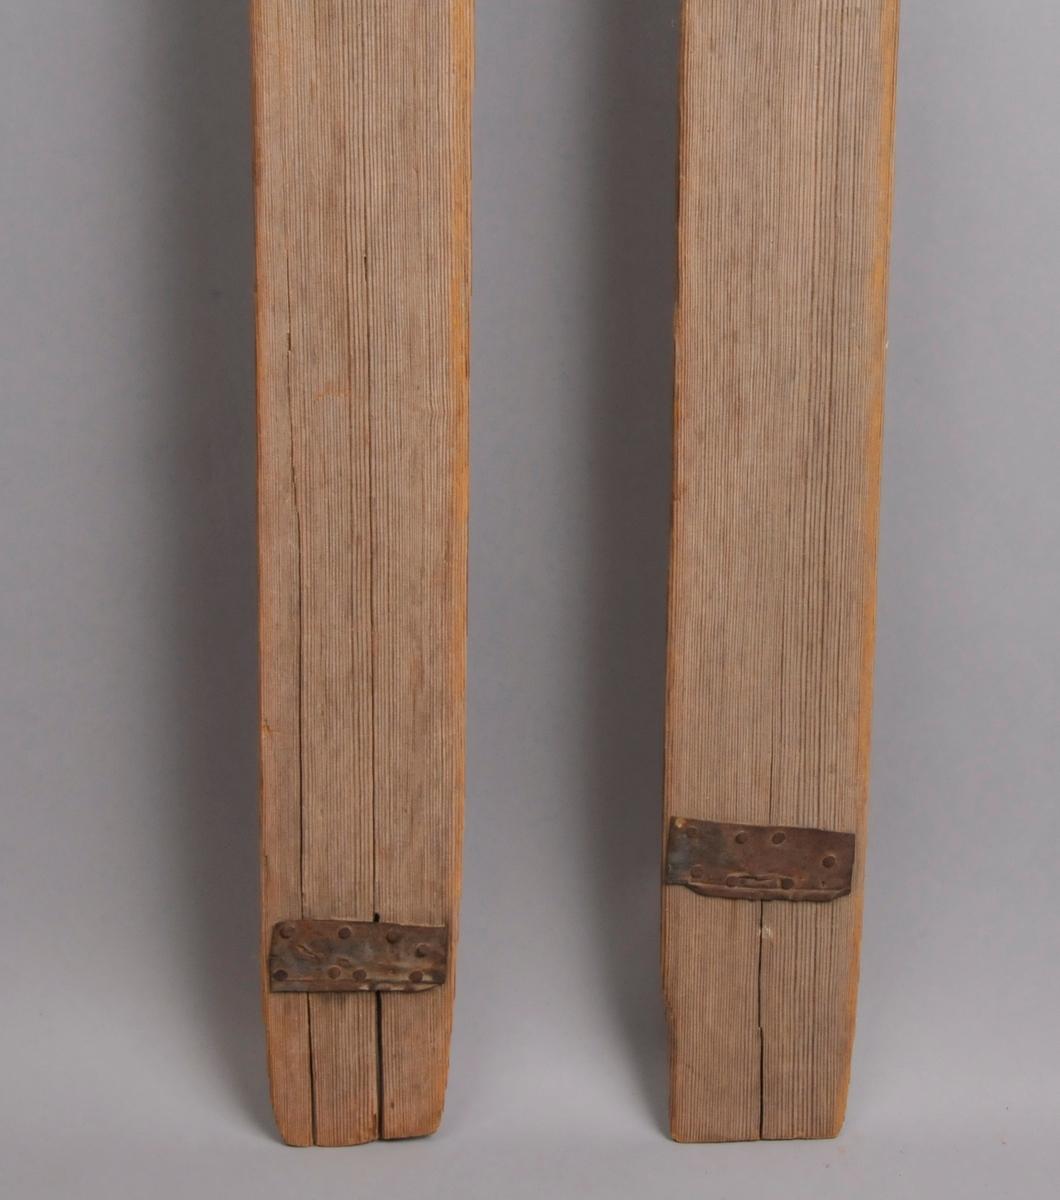 Treski med vidjebinding. Tåband og hælband. Det er spikra på metallbeslag nede på skia, for å hindre vidare oppsprekking.